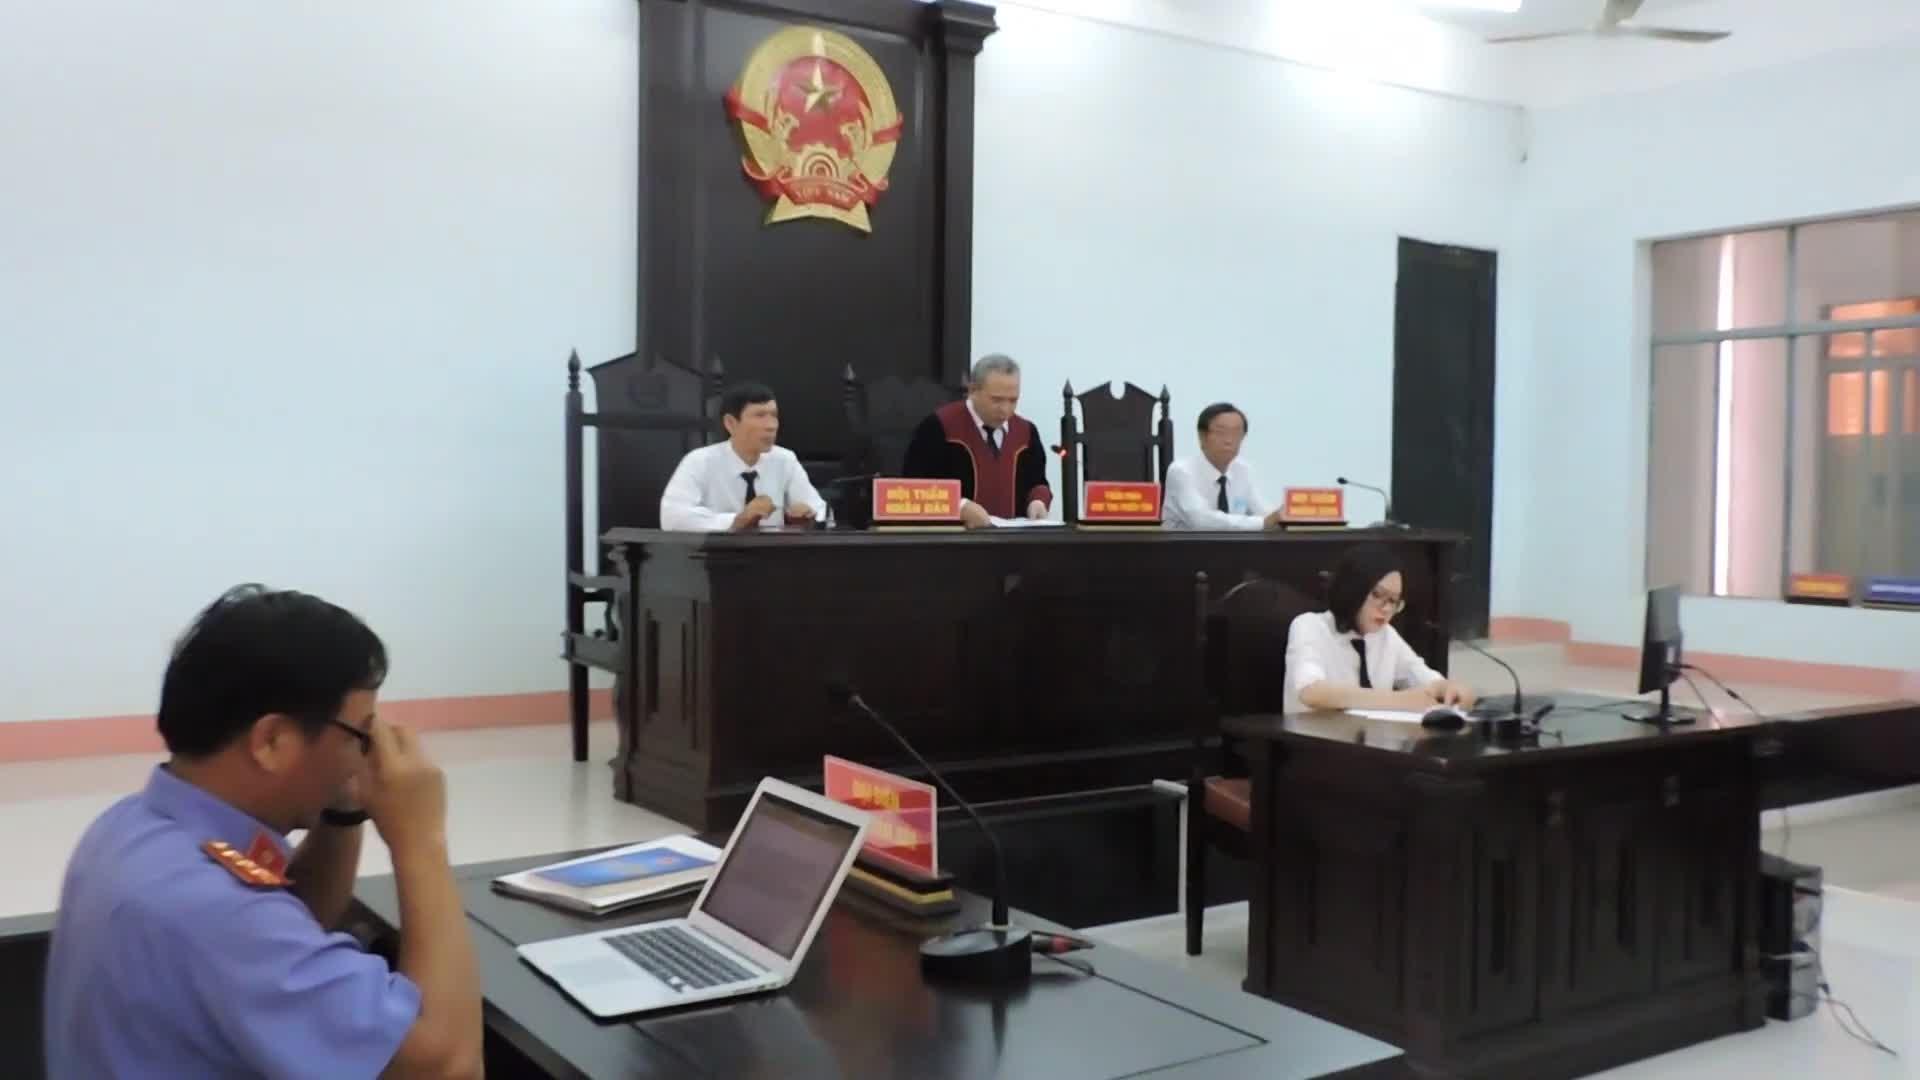 Dân kiện Chủ tịch tỉnh, Chủ tịch tỉnh không dự tòa 'vì lý do công tác' -  Tuổi Trẻ Online